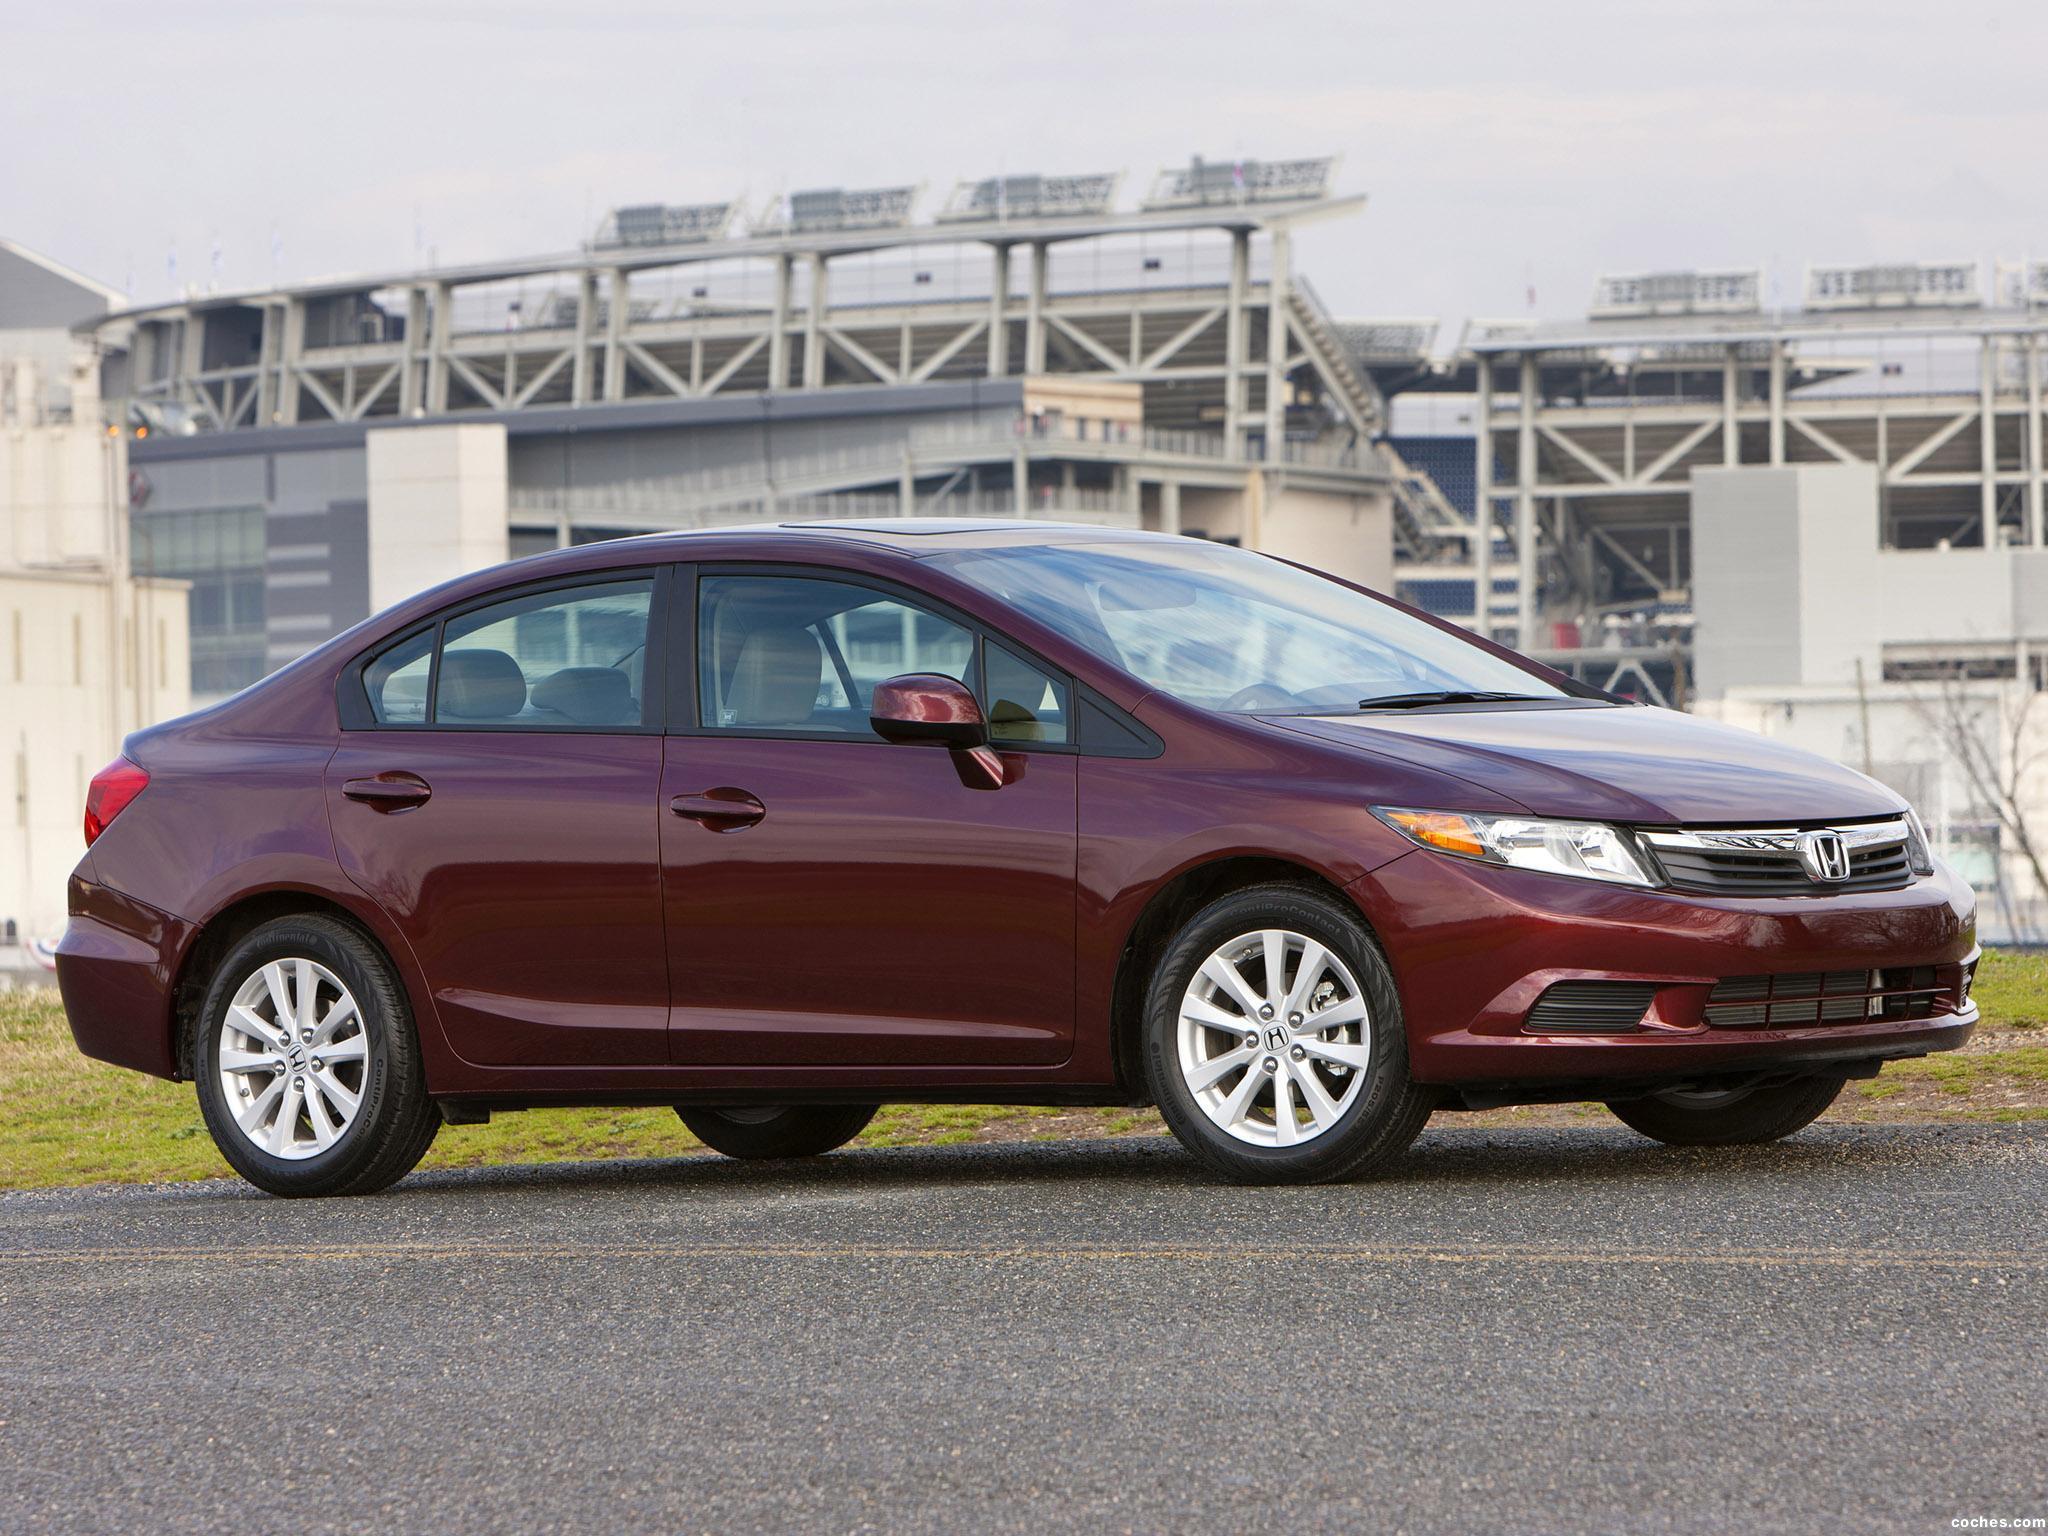 Foto 16 de Honda Civic EX-L Sedan 2011